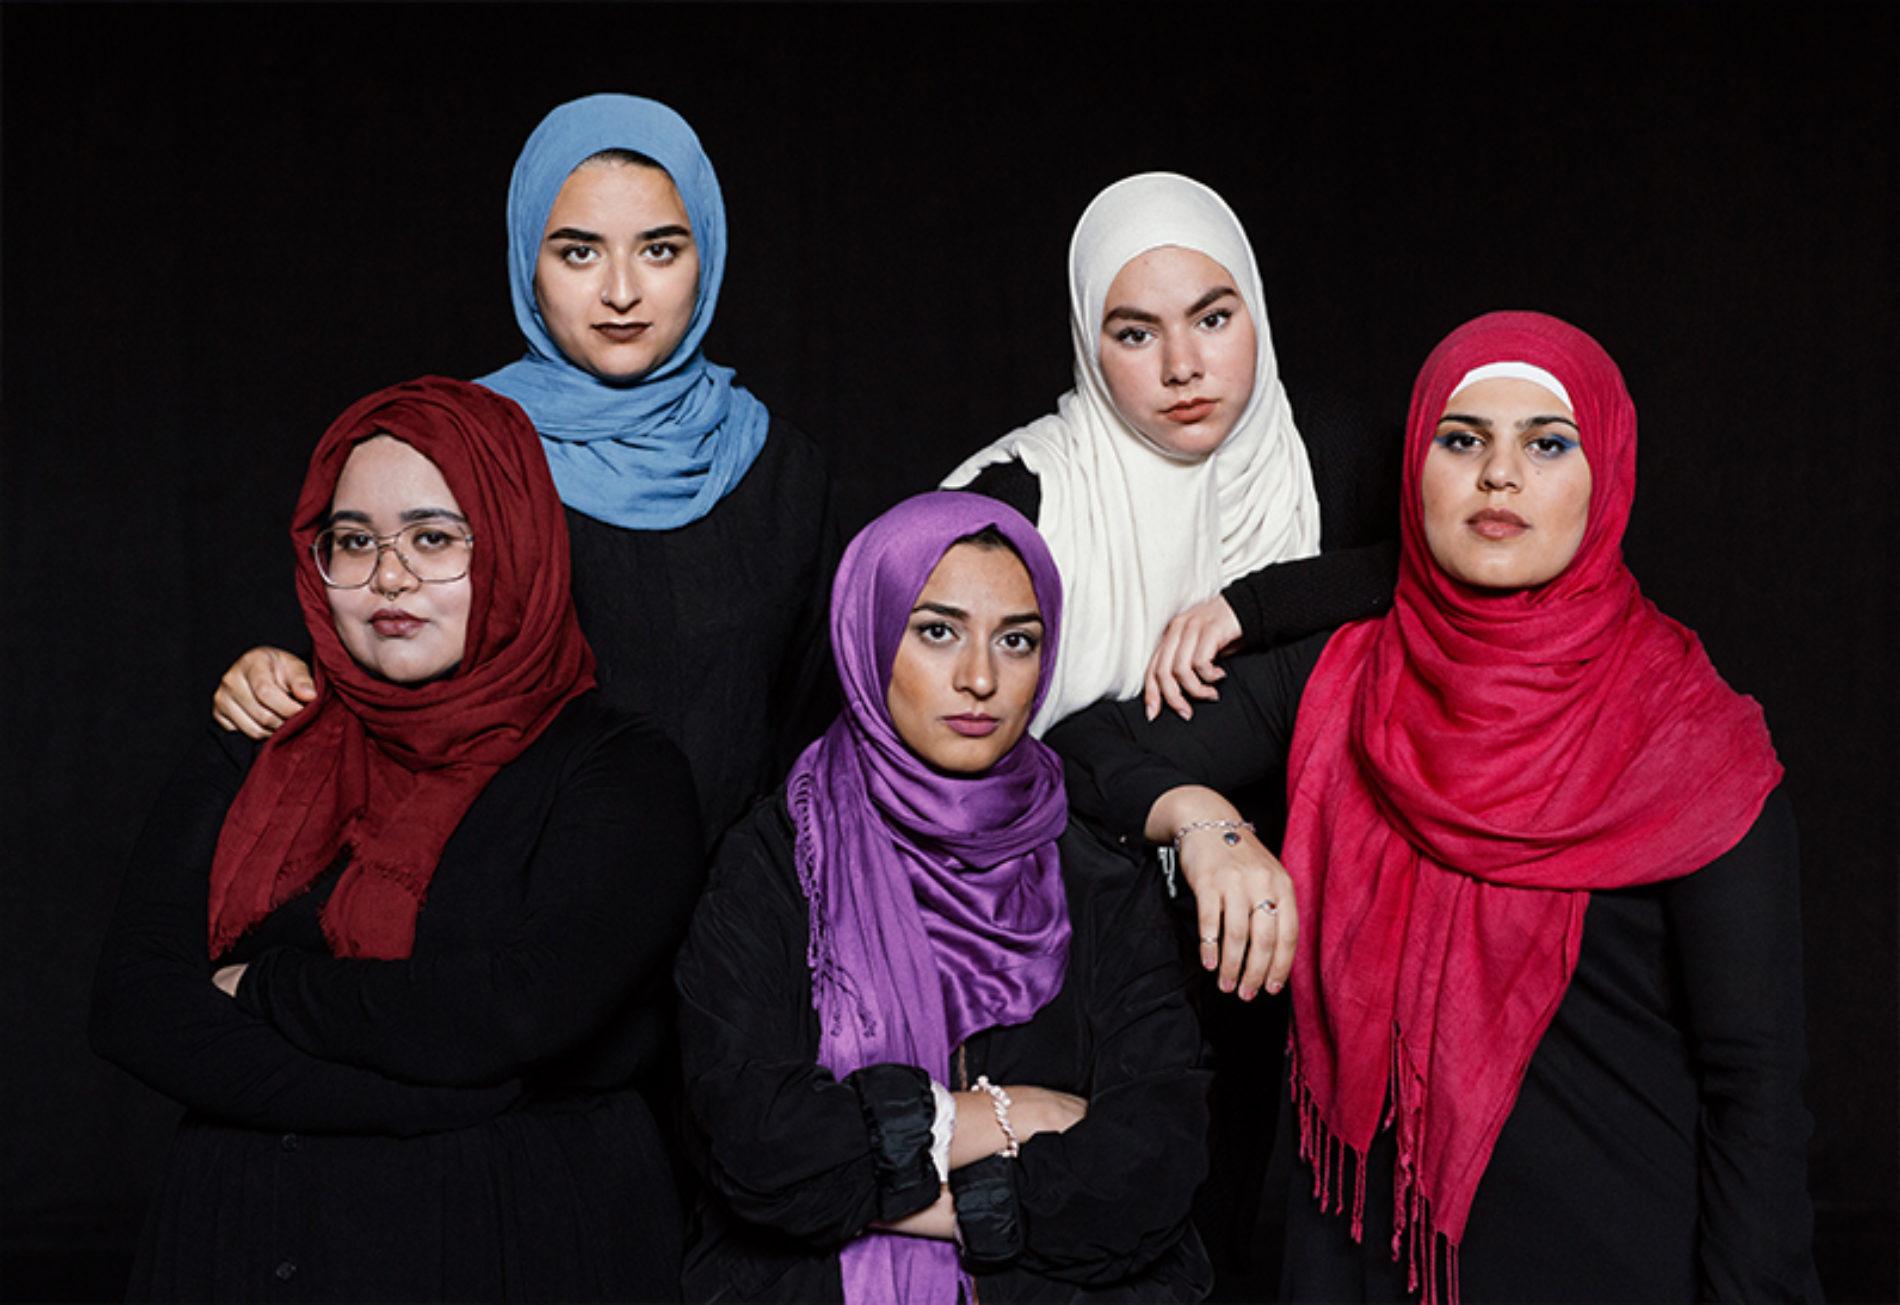 Svenska hijabis går snart att se på tv